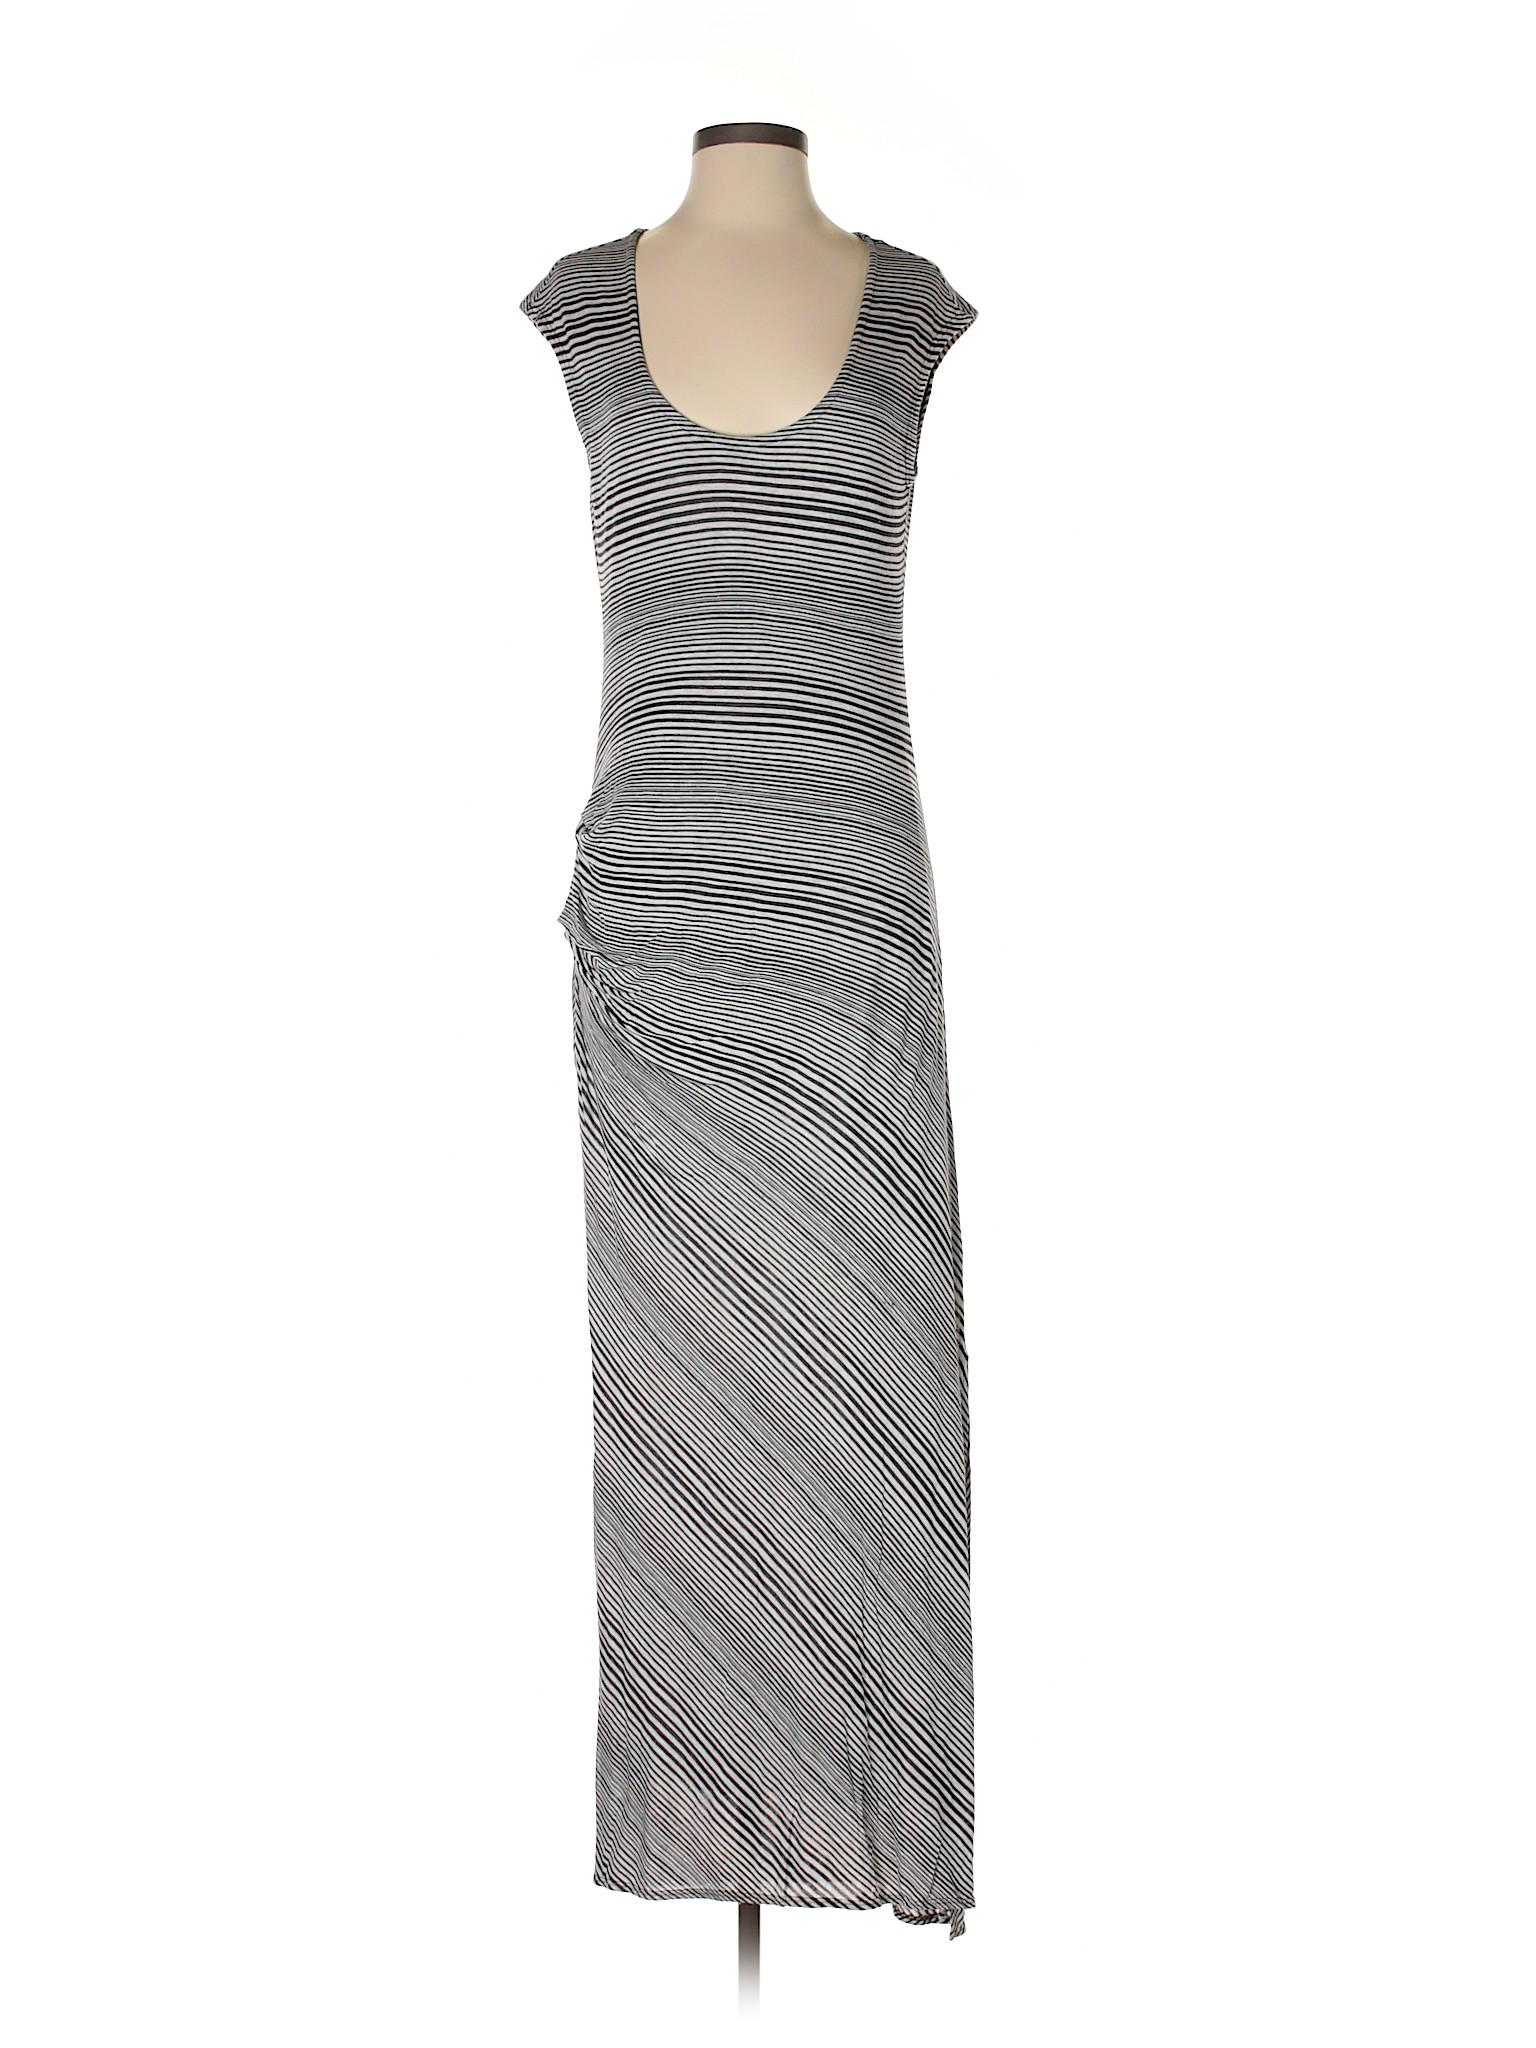 Casual Boutique Soft Dress Joie winter qW1wZFv